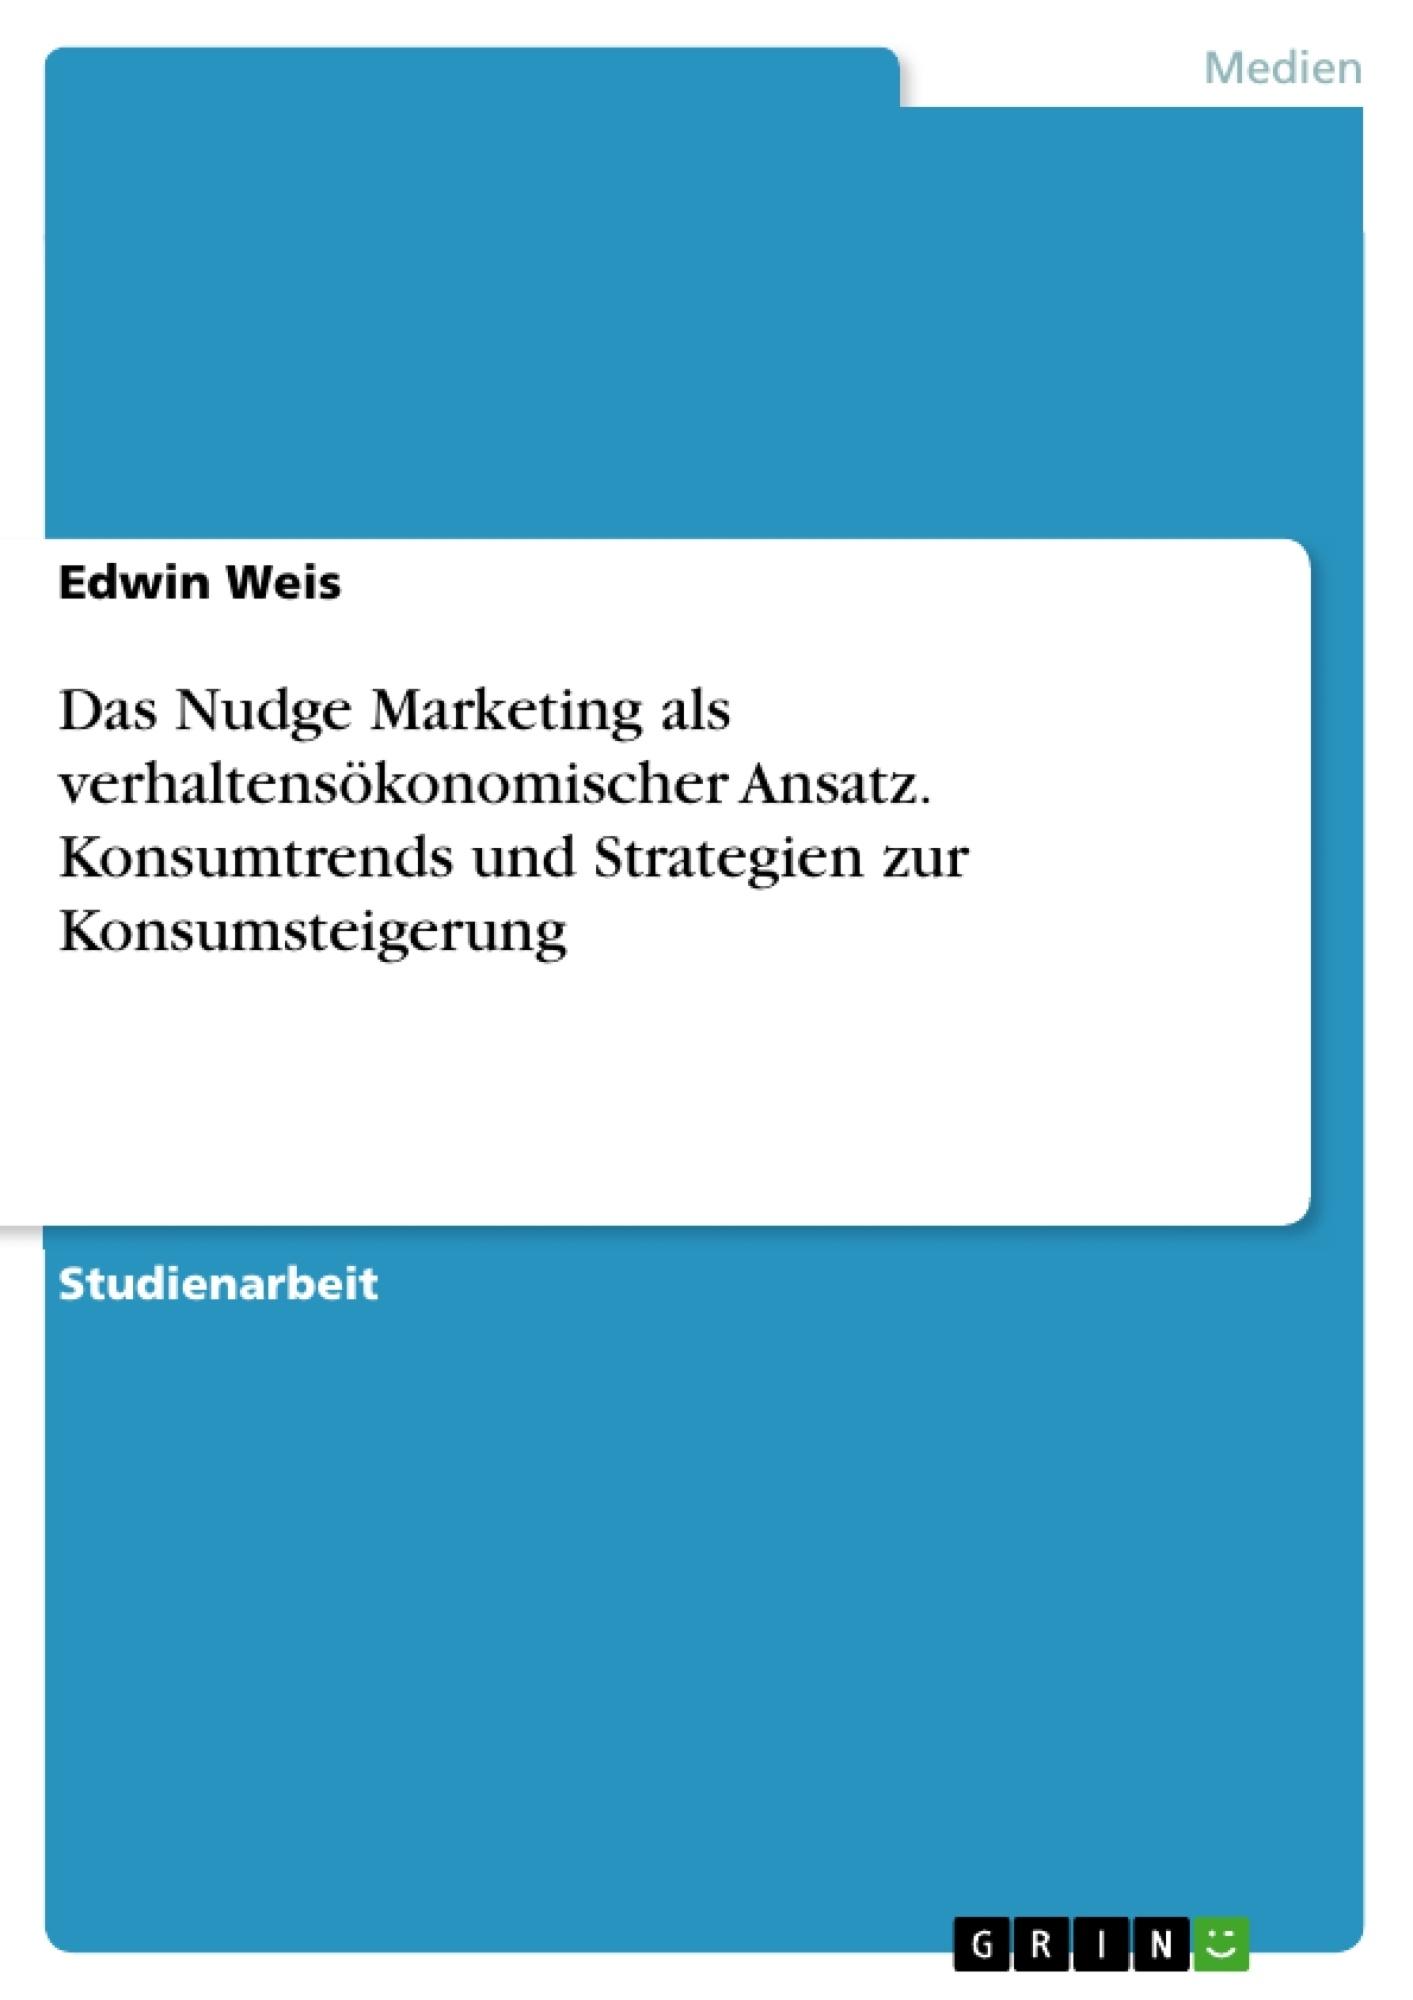 Titel: Das Nudge Marketing als verhaltensökonomischer Ansatz. Konsumtrends und Strategien zur Konsumsteigerung